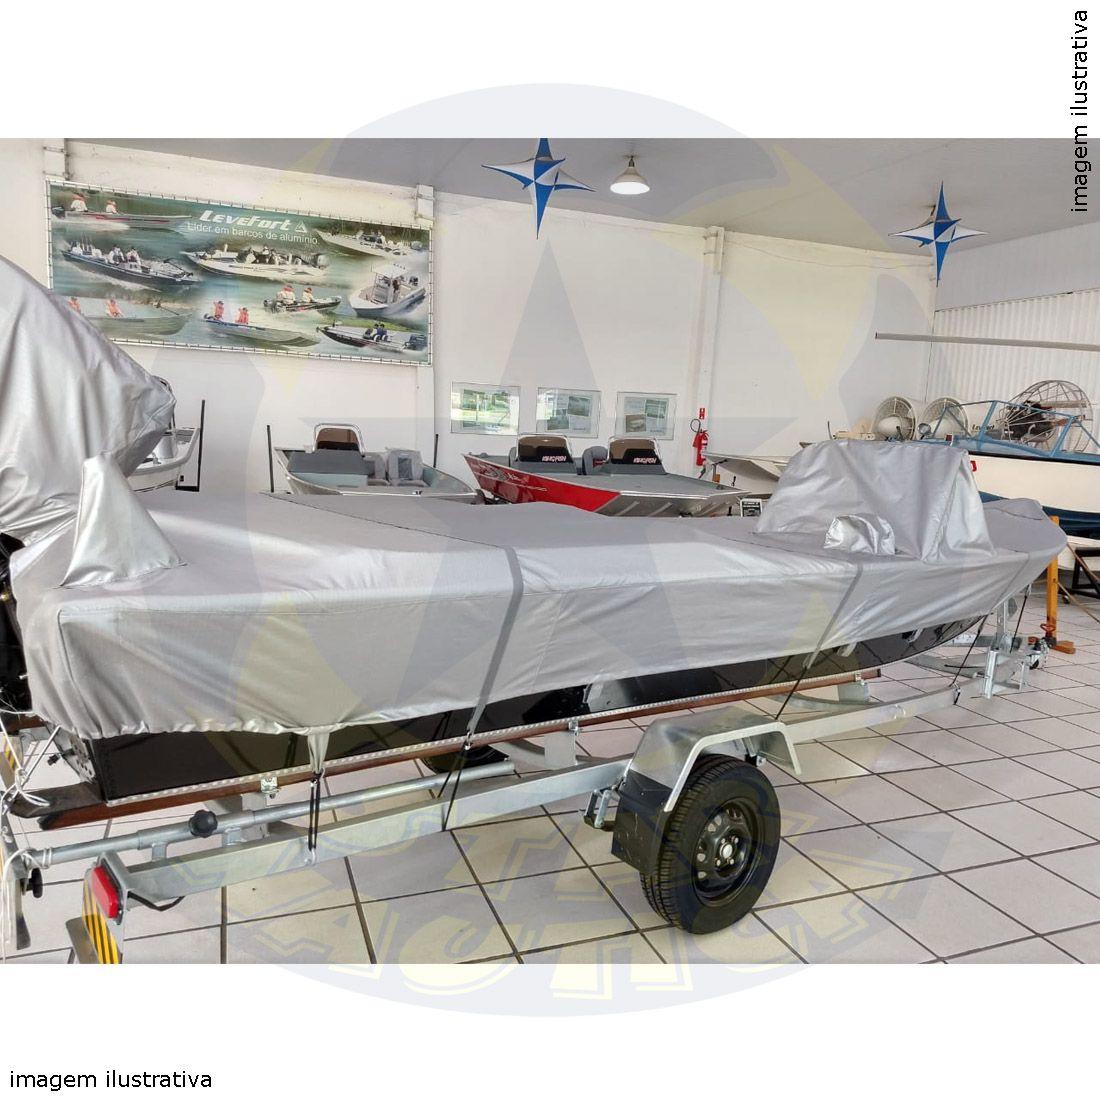 Capa Lona de Cobertura Lancha Marajó 17 Machine Lona Metalizada